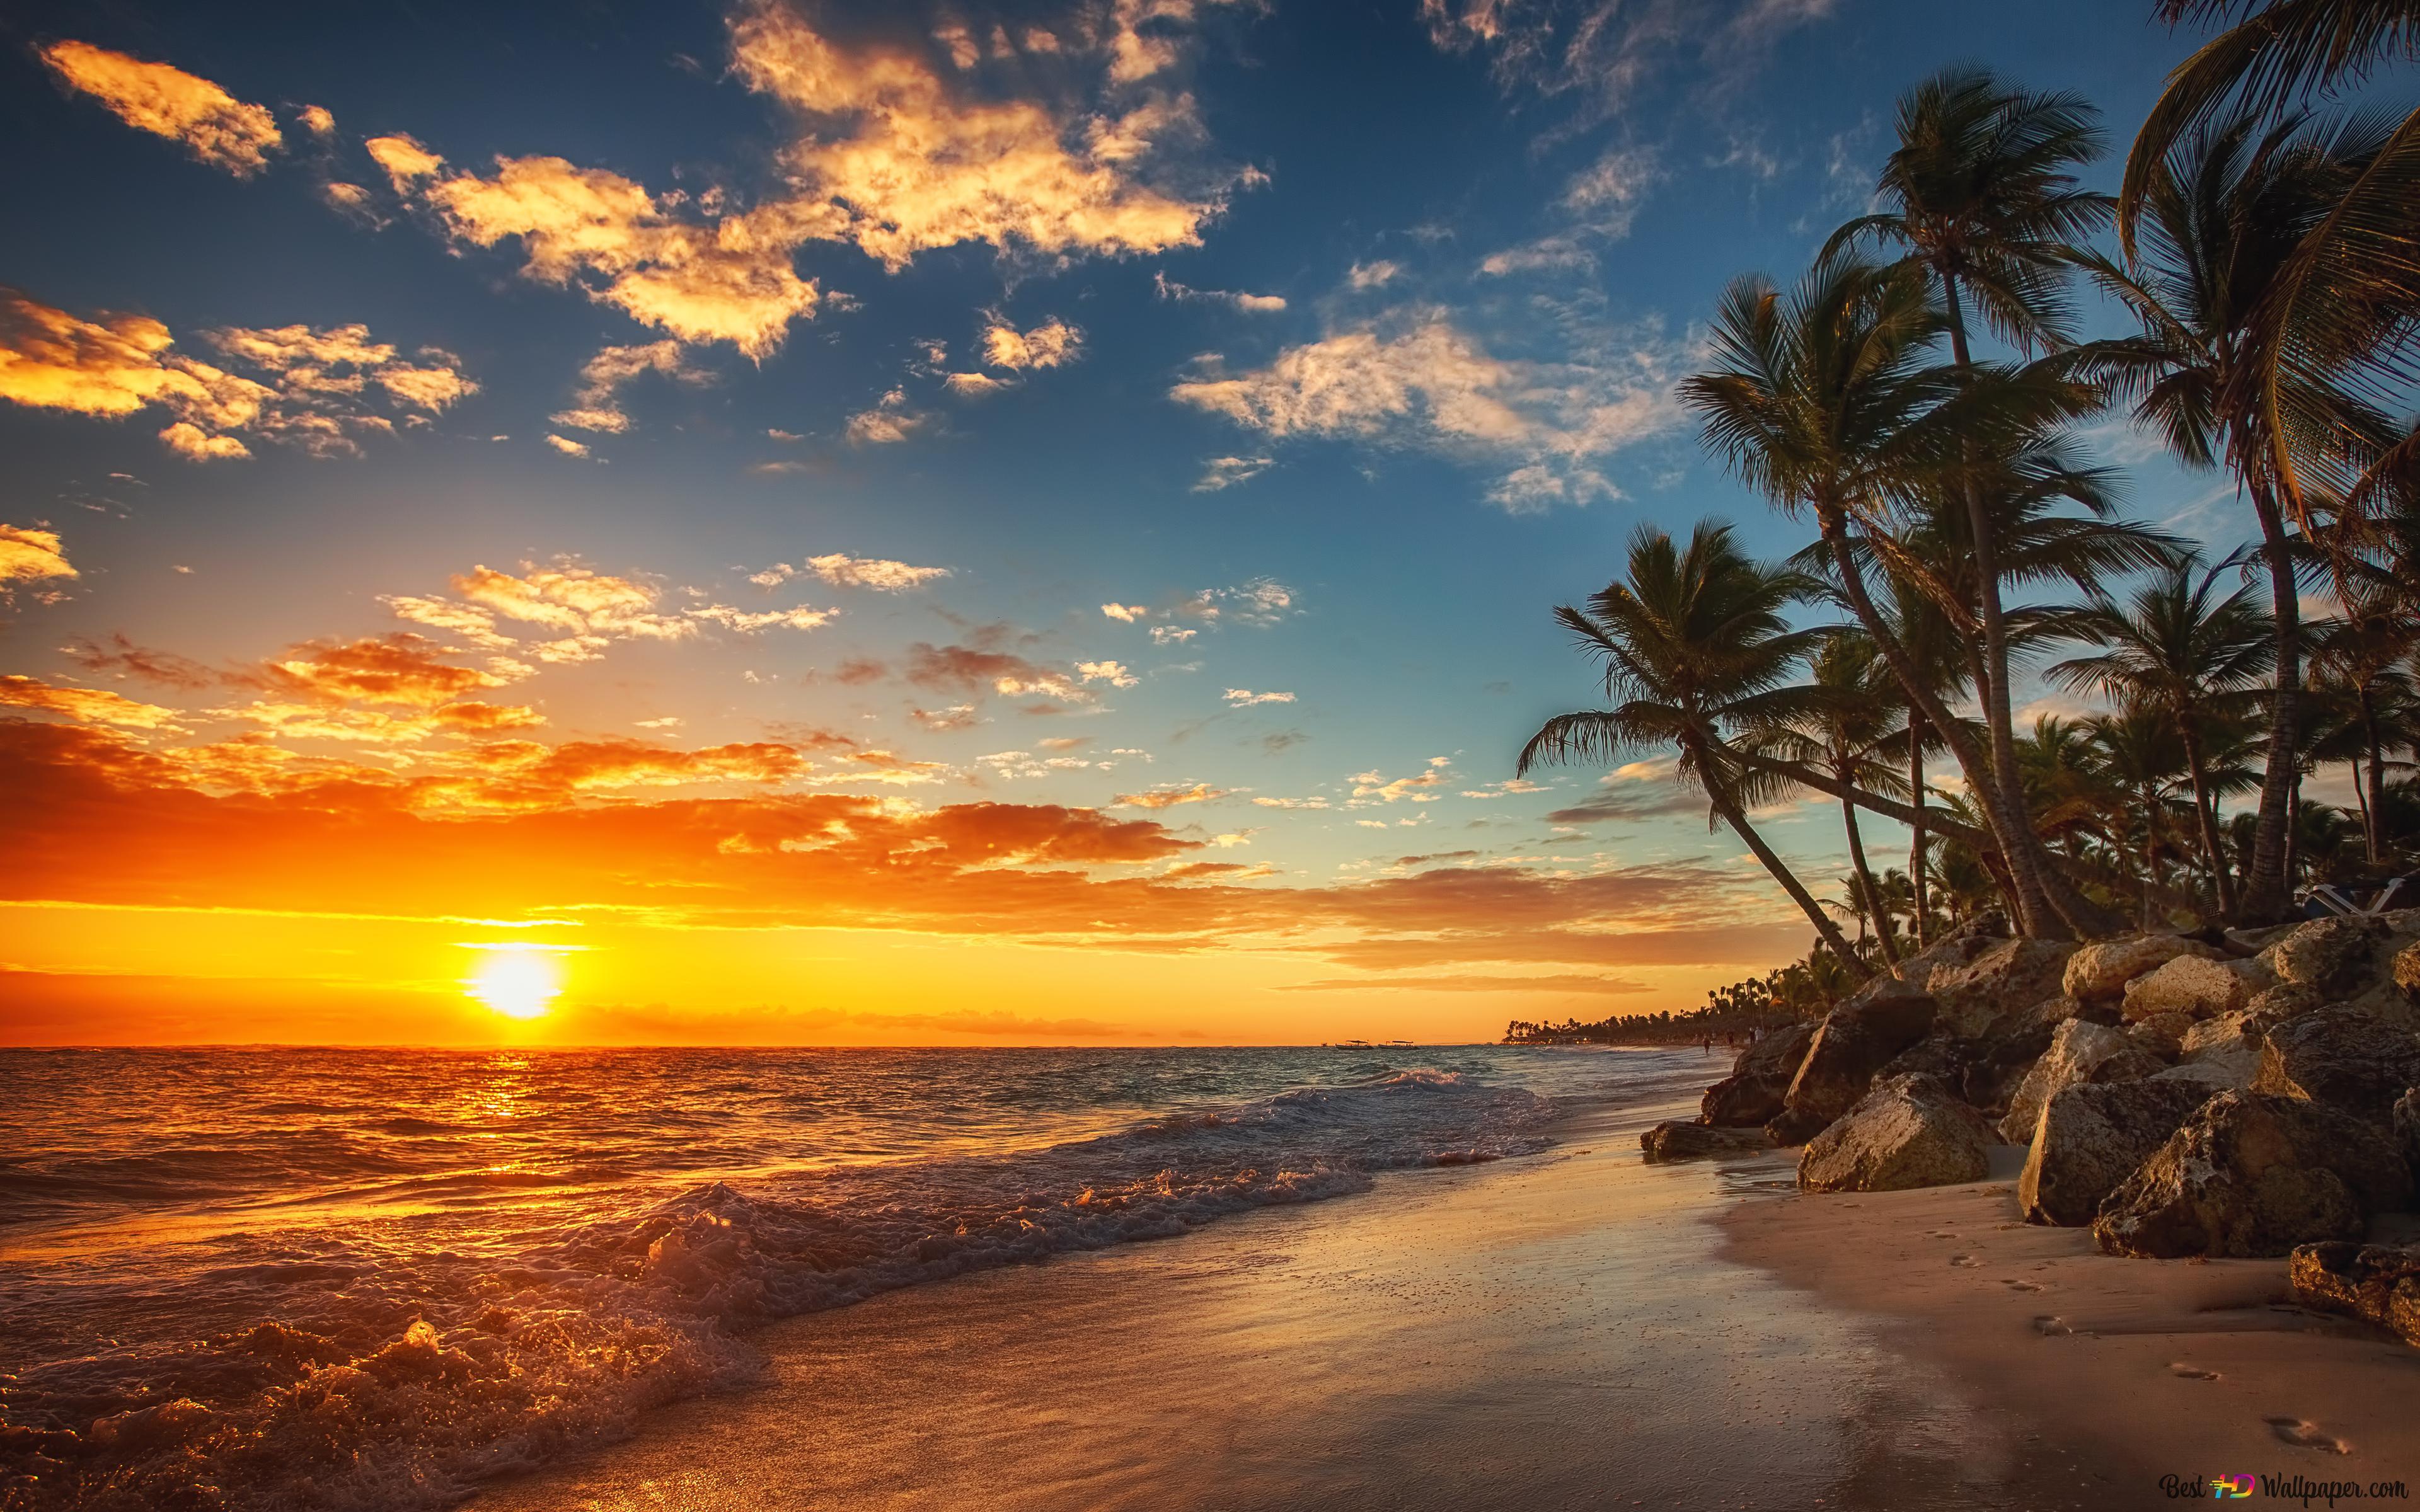 sonnenuntergang im meer strand hd hintergrundbilder herunterladen. Black Bedroom Furniture Sets. Home Design Ideas